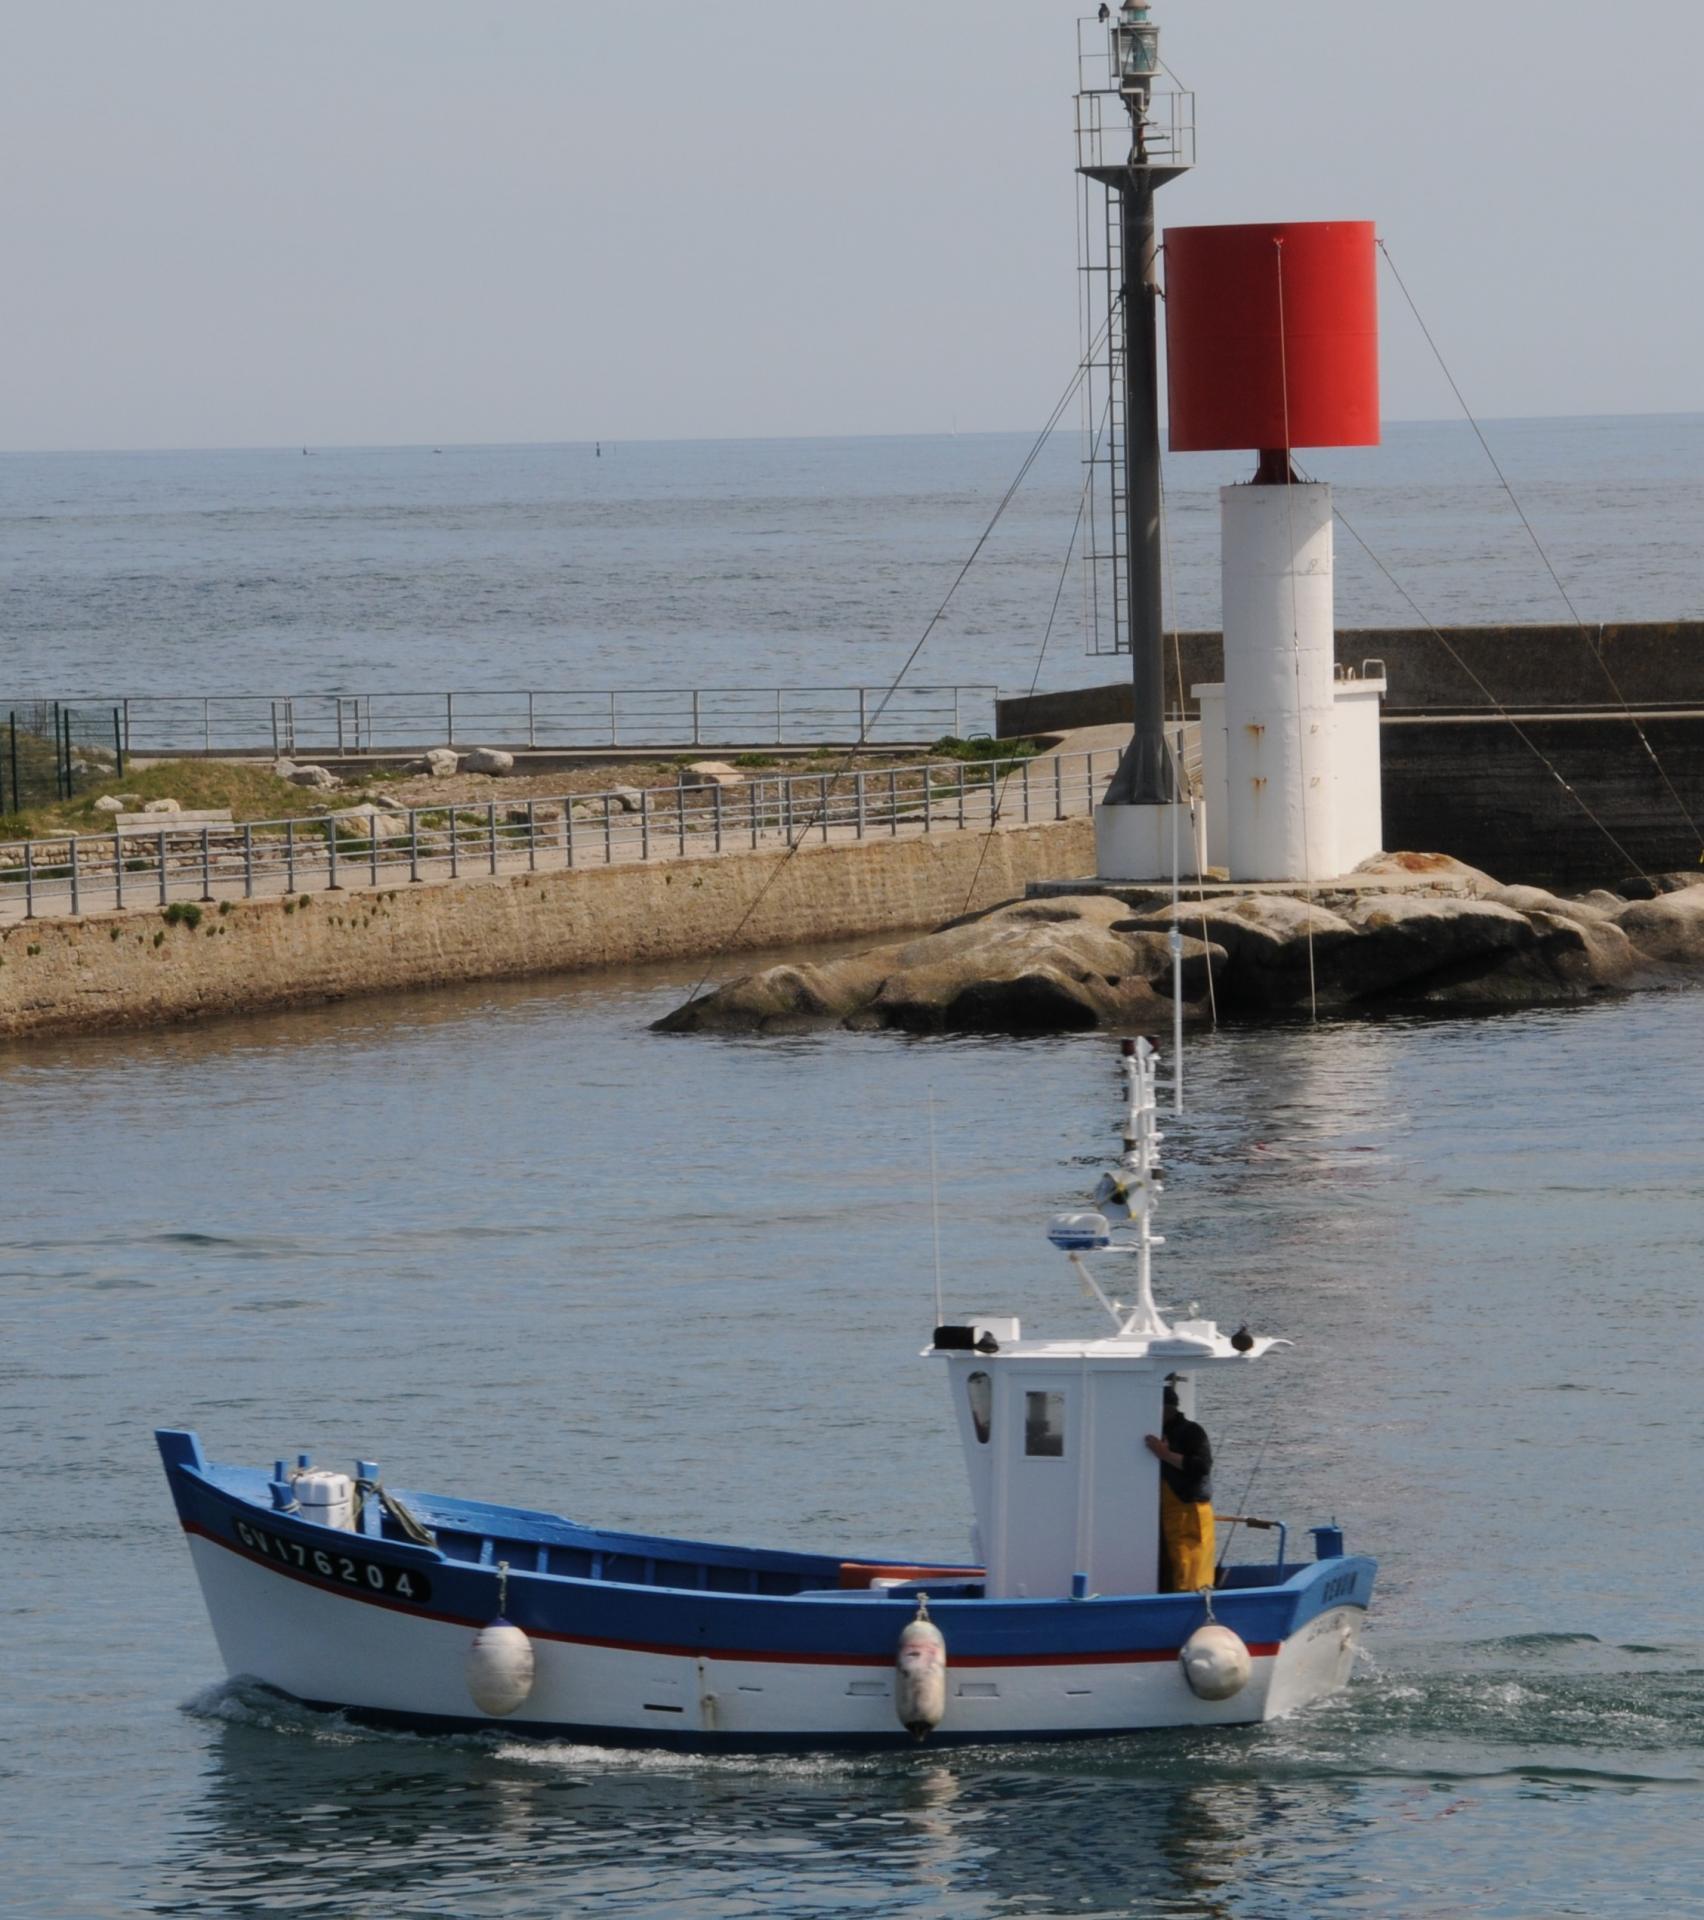 160505 requin gv en navigation georges rault 2